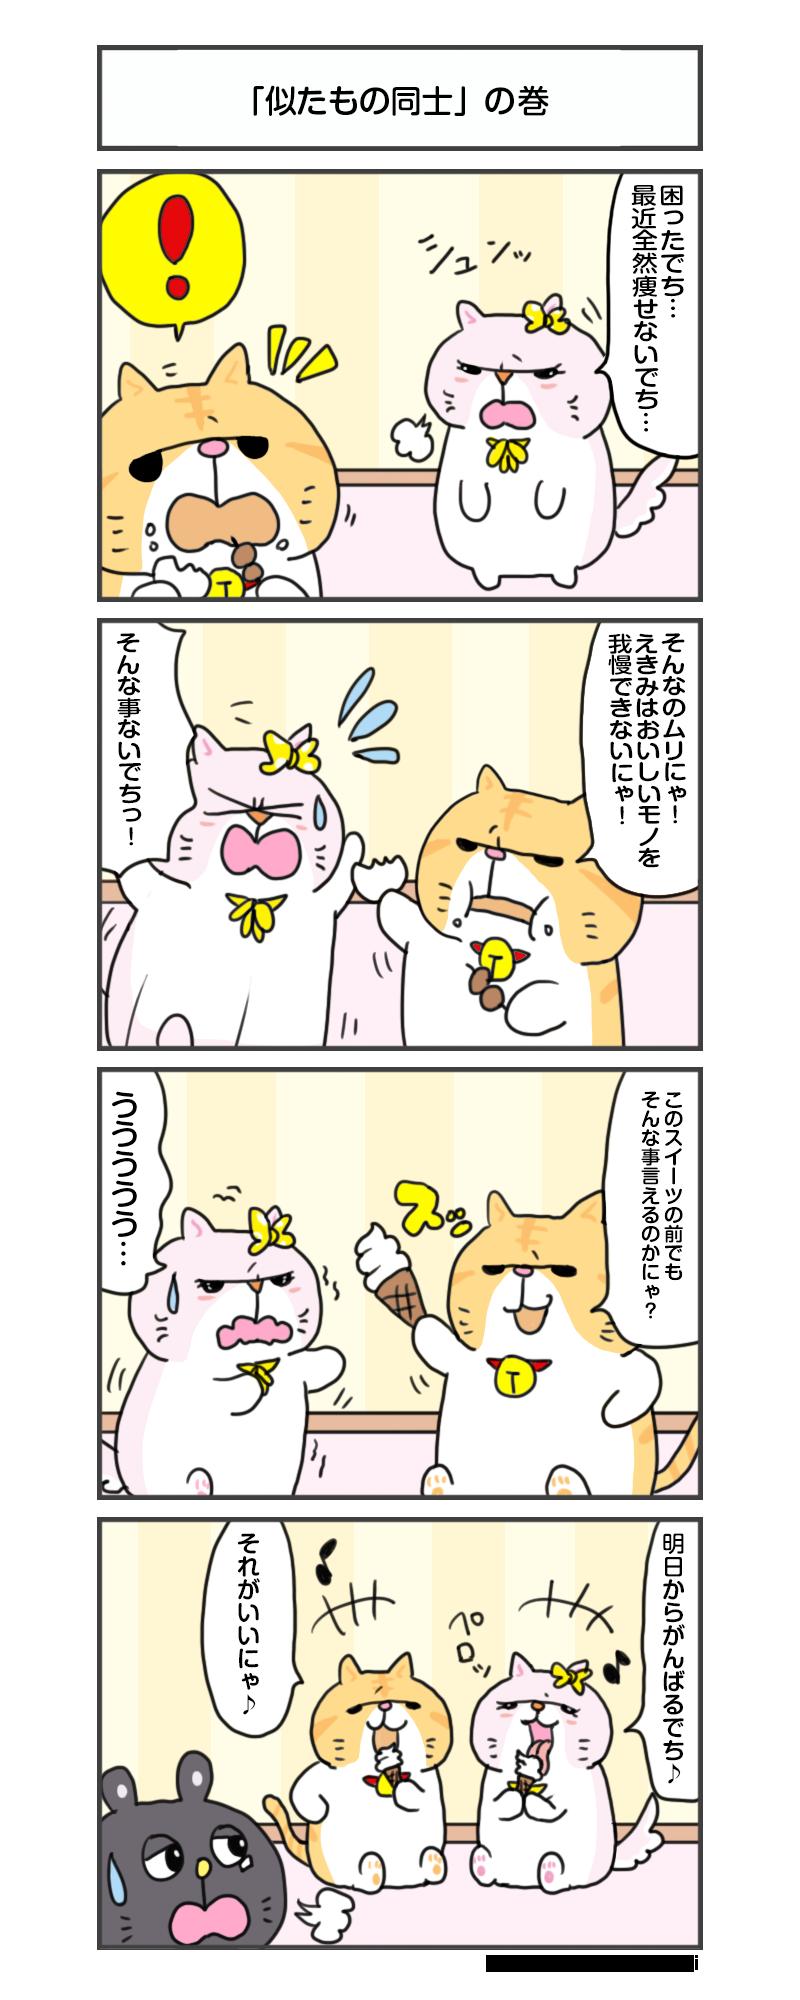 えきぞうmanga_vol.298